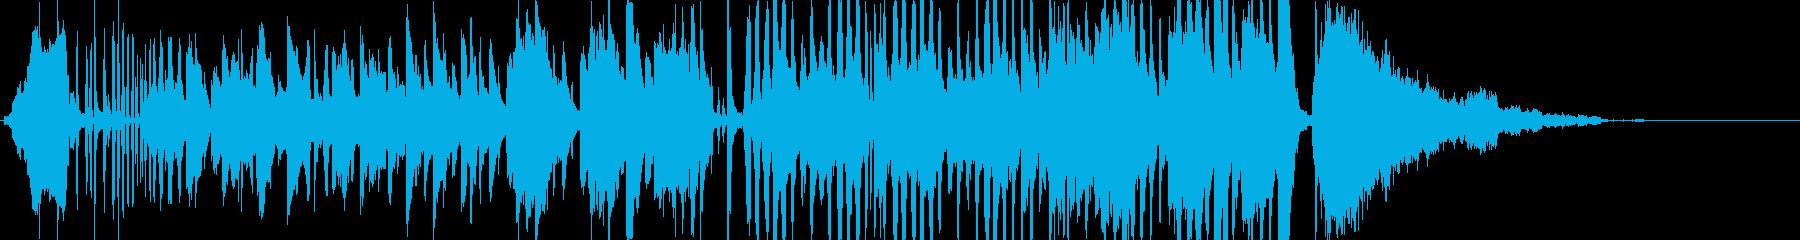 風変わりな子供の楽器。動物の音とカ...の再生済みの波形